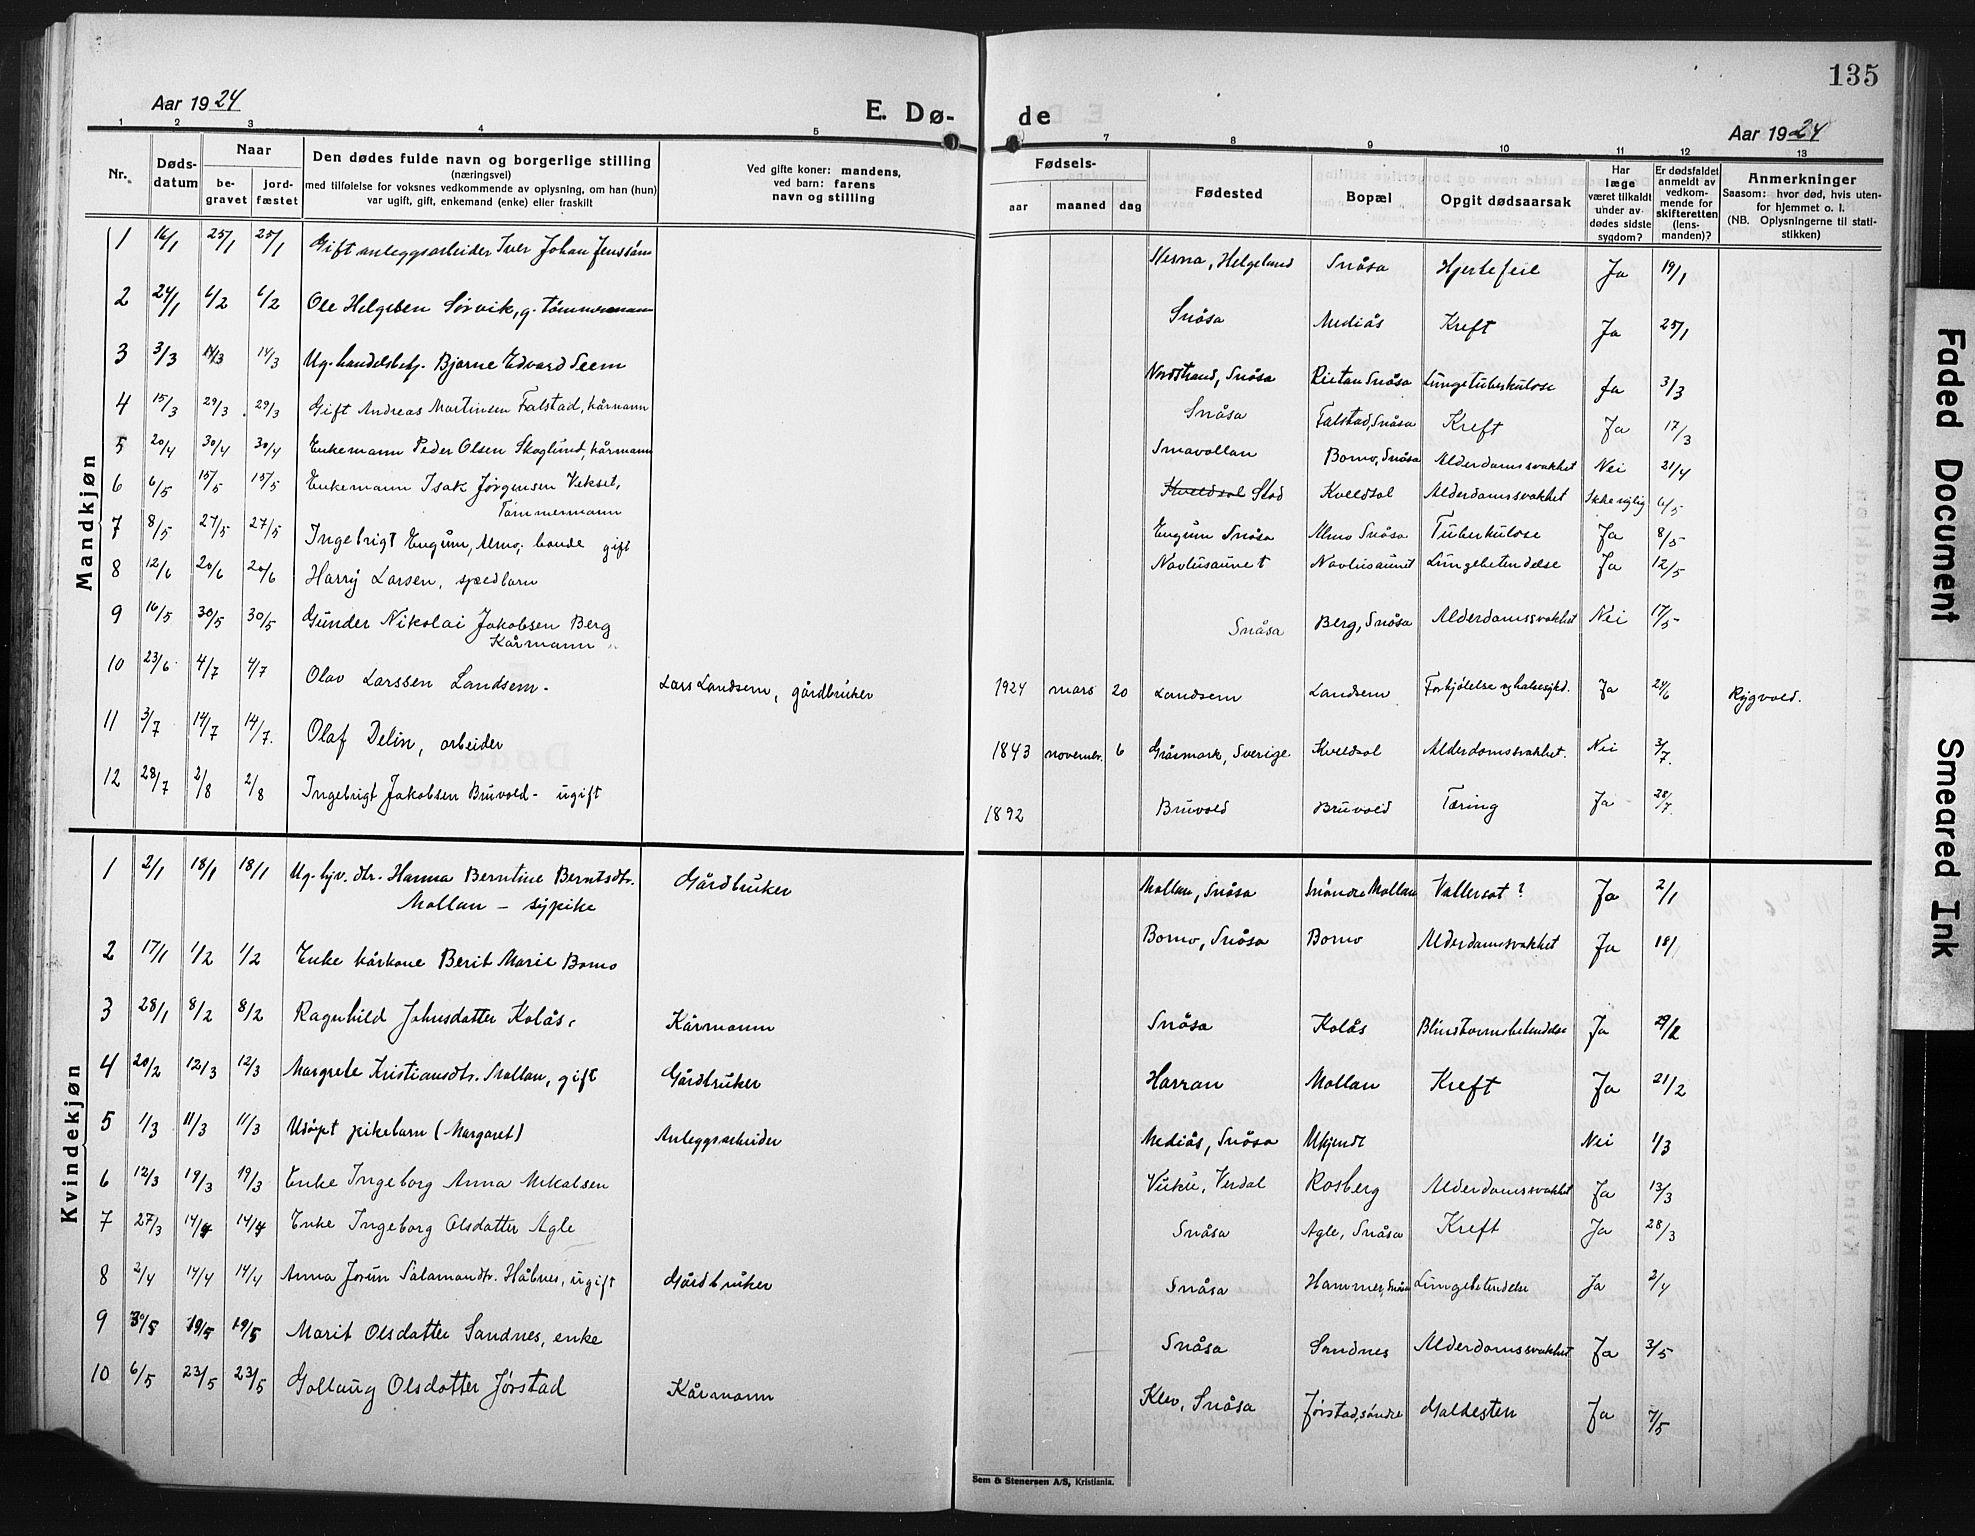 SAT, Ministerialprotokoller, klokkerbøker og fødselsregistre - Nord-Trøndelag, 749/L0480: Klokkerbok nr. 749C02, 1924-1932, s. 135